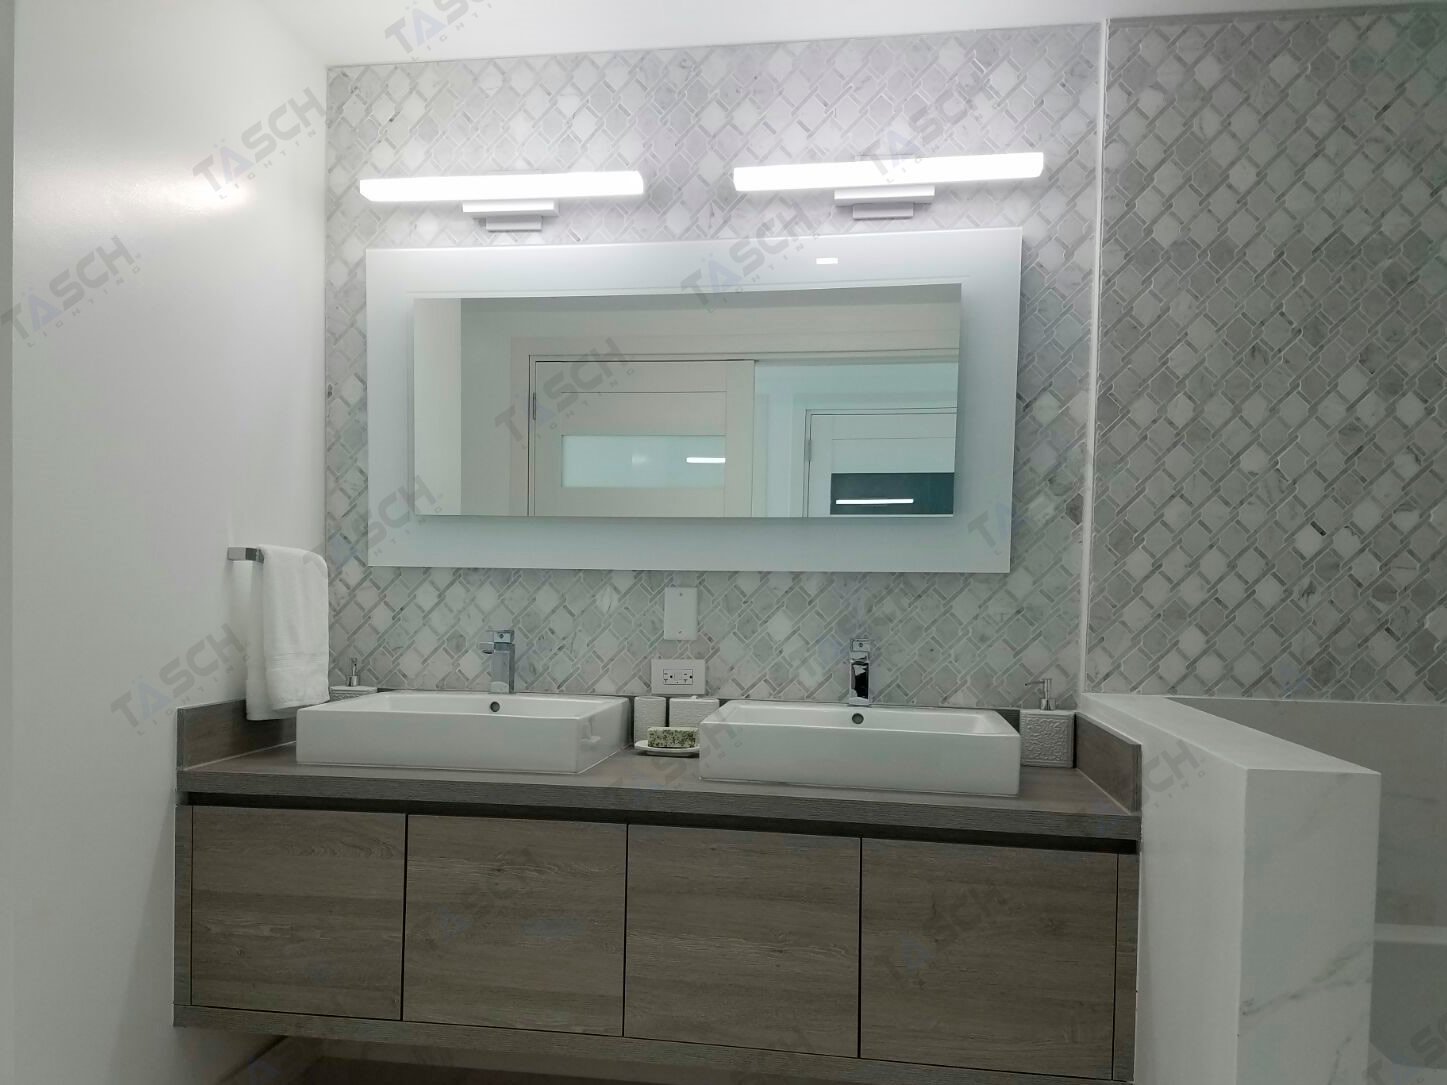 Bathroom - Bathroom store miami